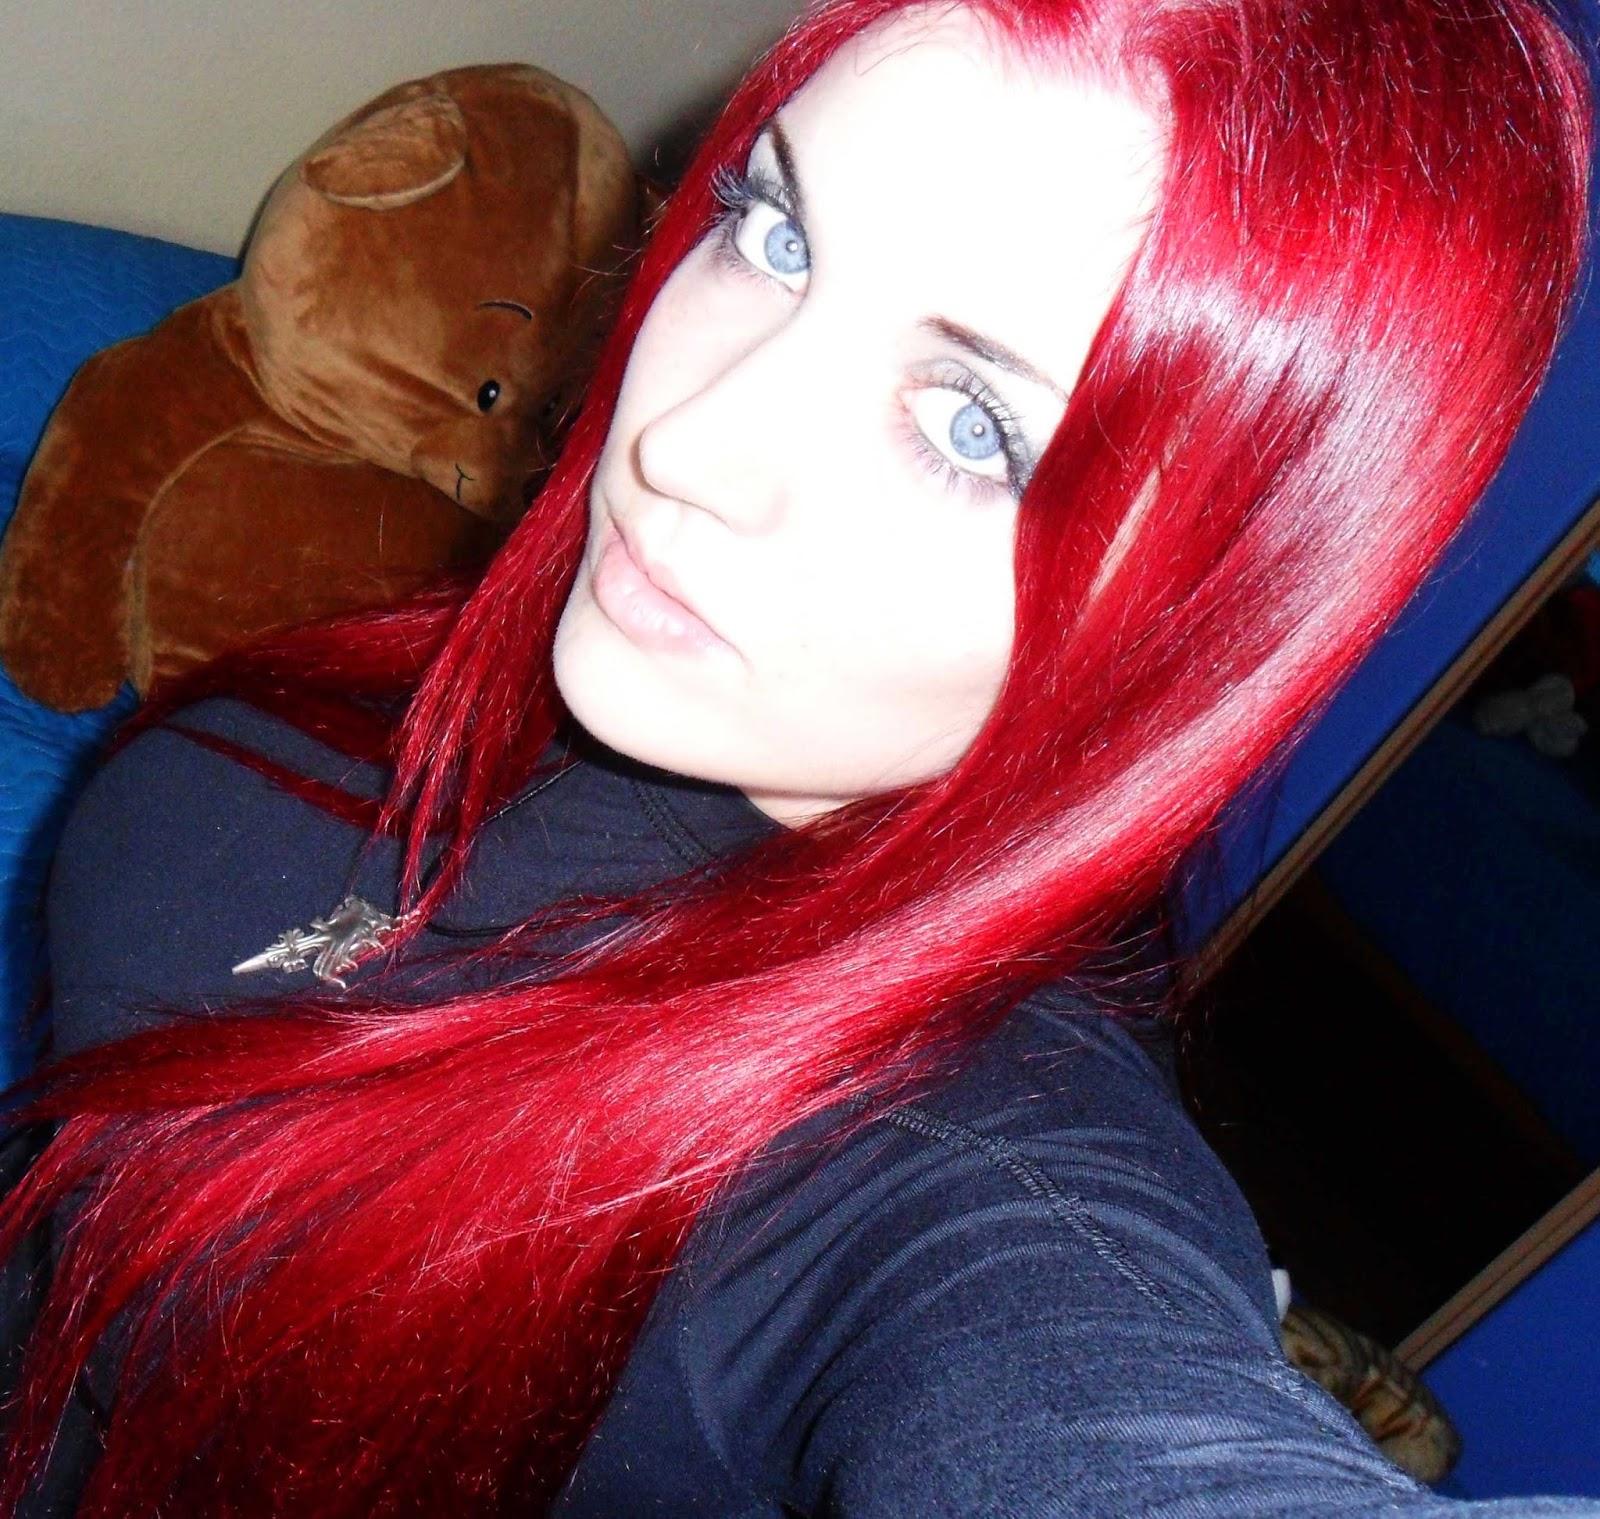 pelo rojo fuego